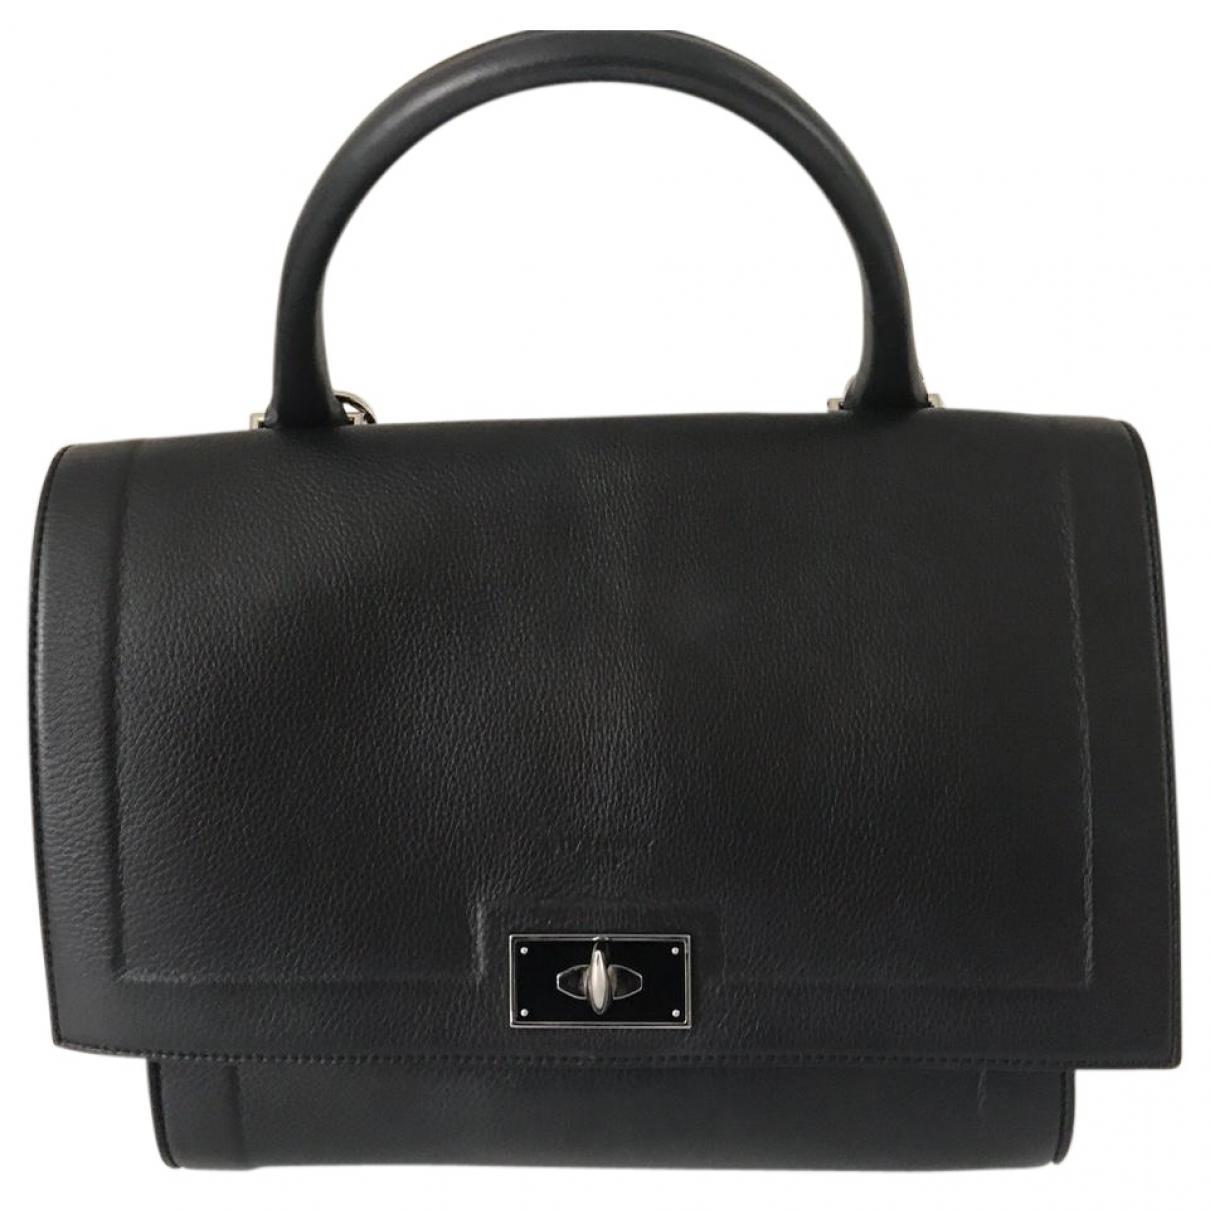 Givenchy Pre-owned - Shark leather handbag FHfAJwPP